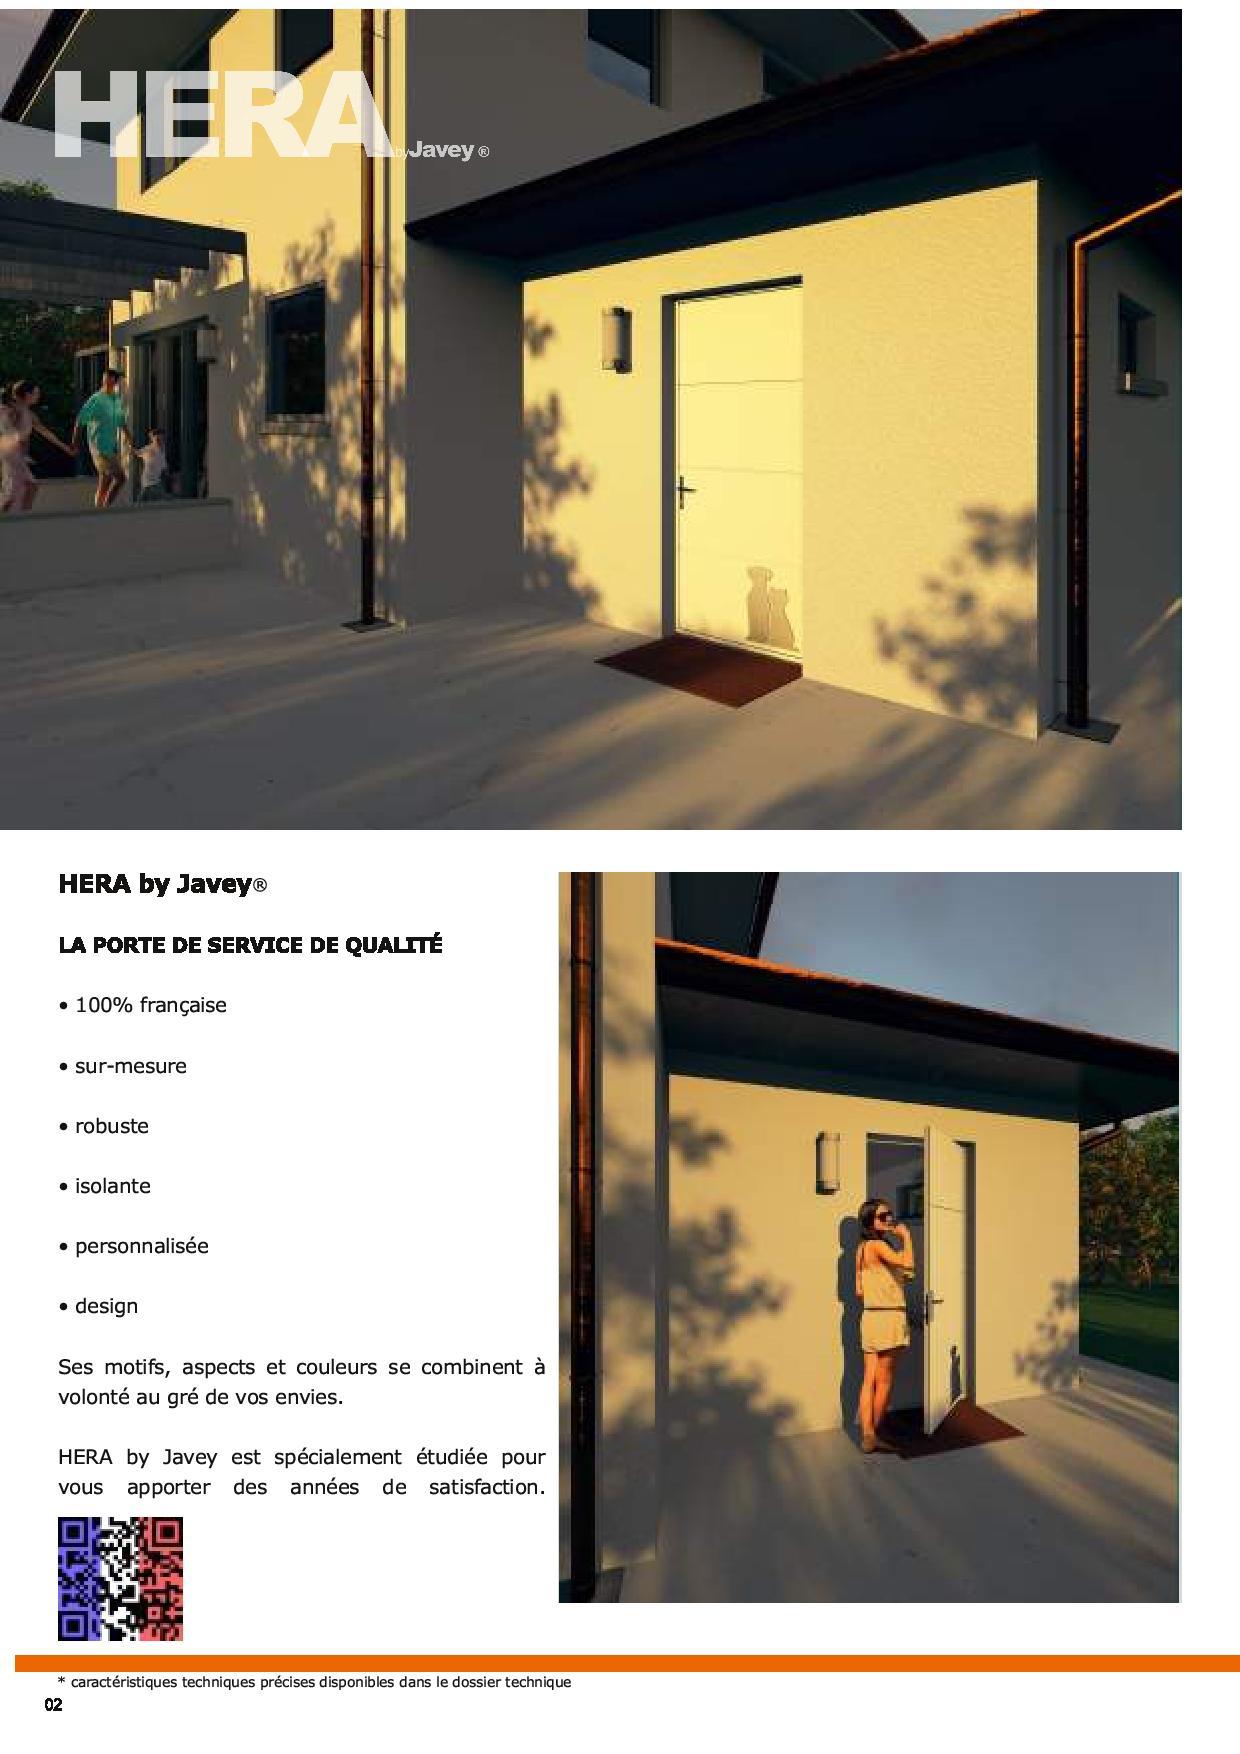 catalogue-Hera-Javey-page-002